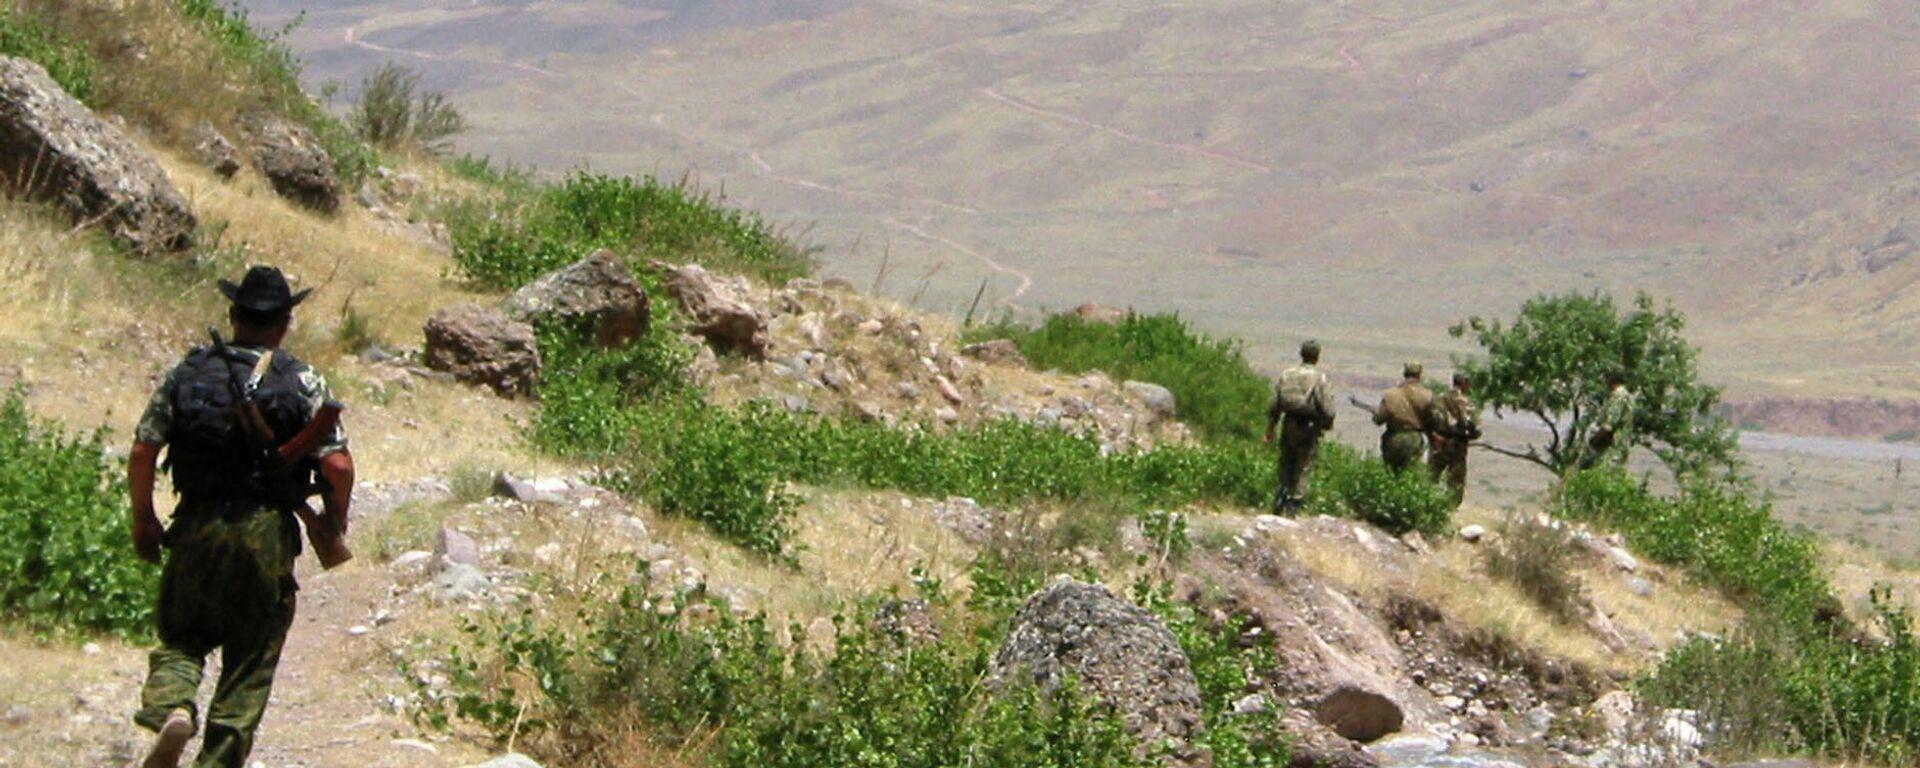 Таджикско-афганская граница  - Sputnik Узбекистан, 1920, 05.08.2021